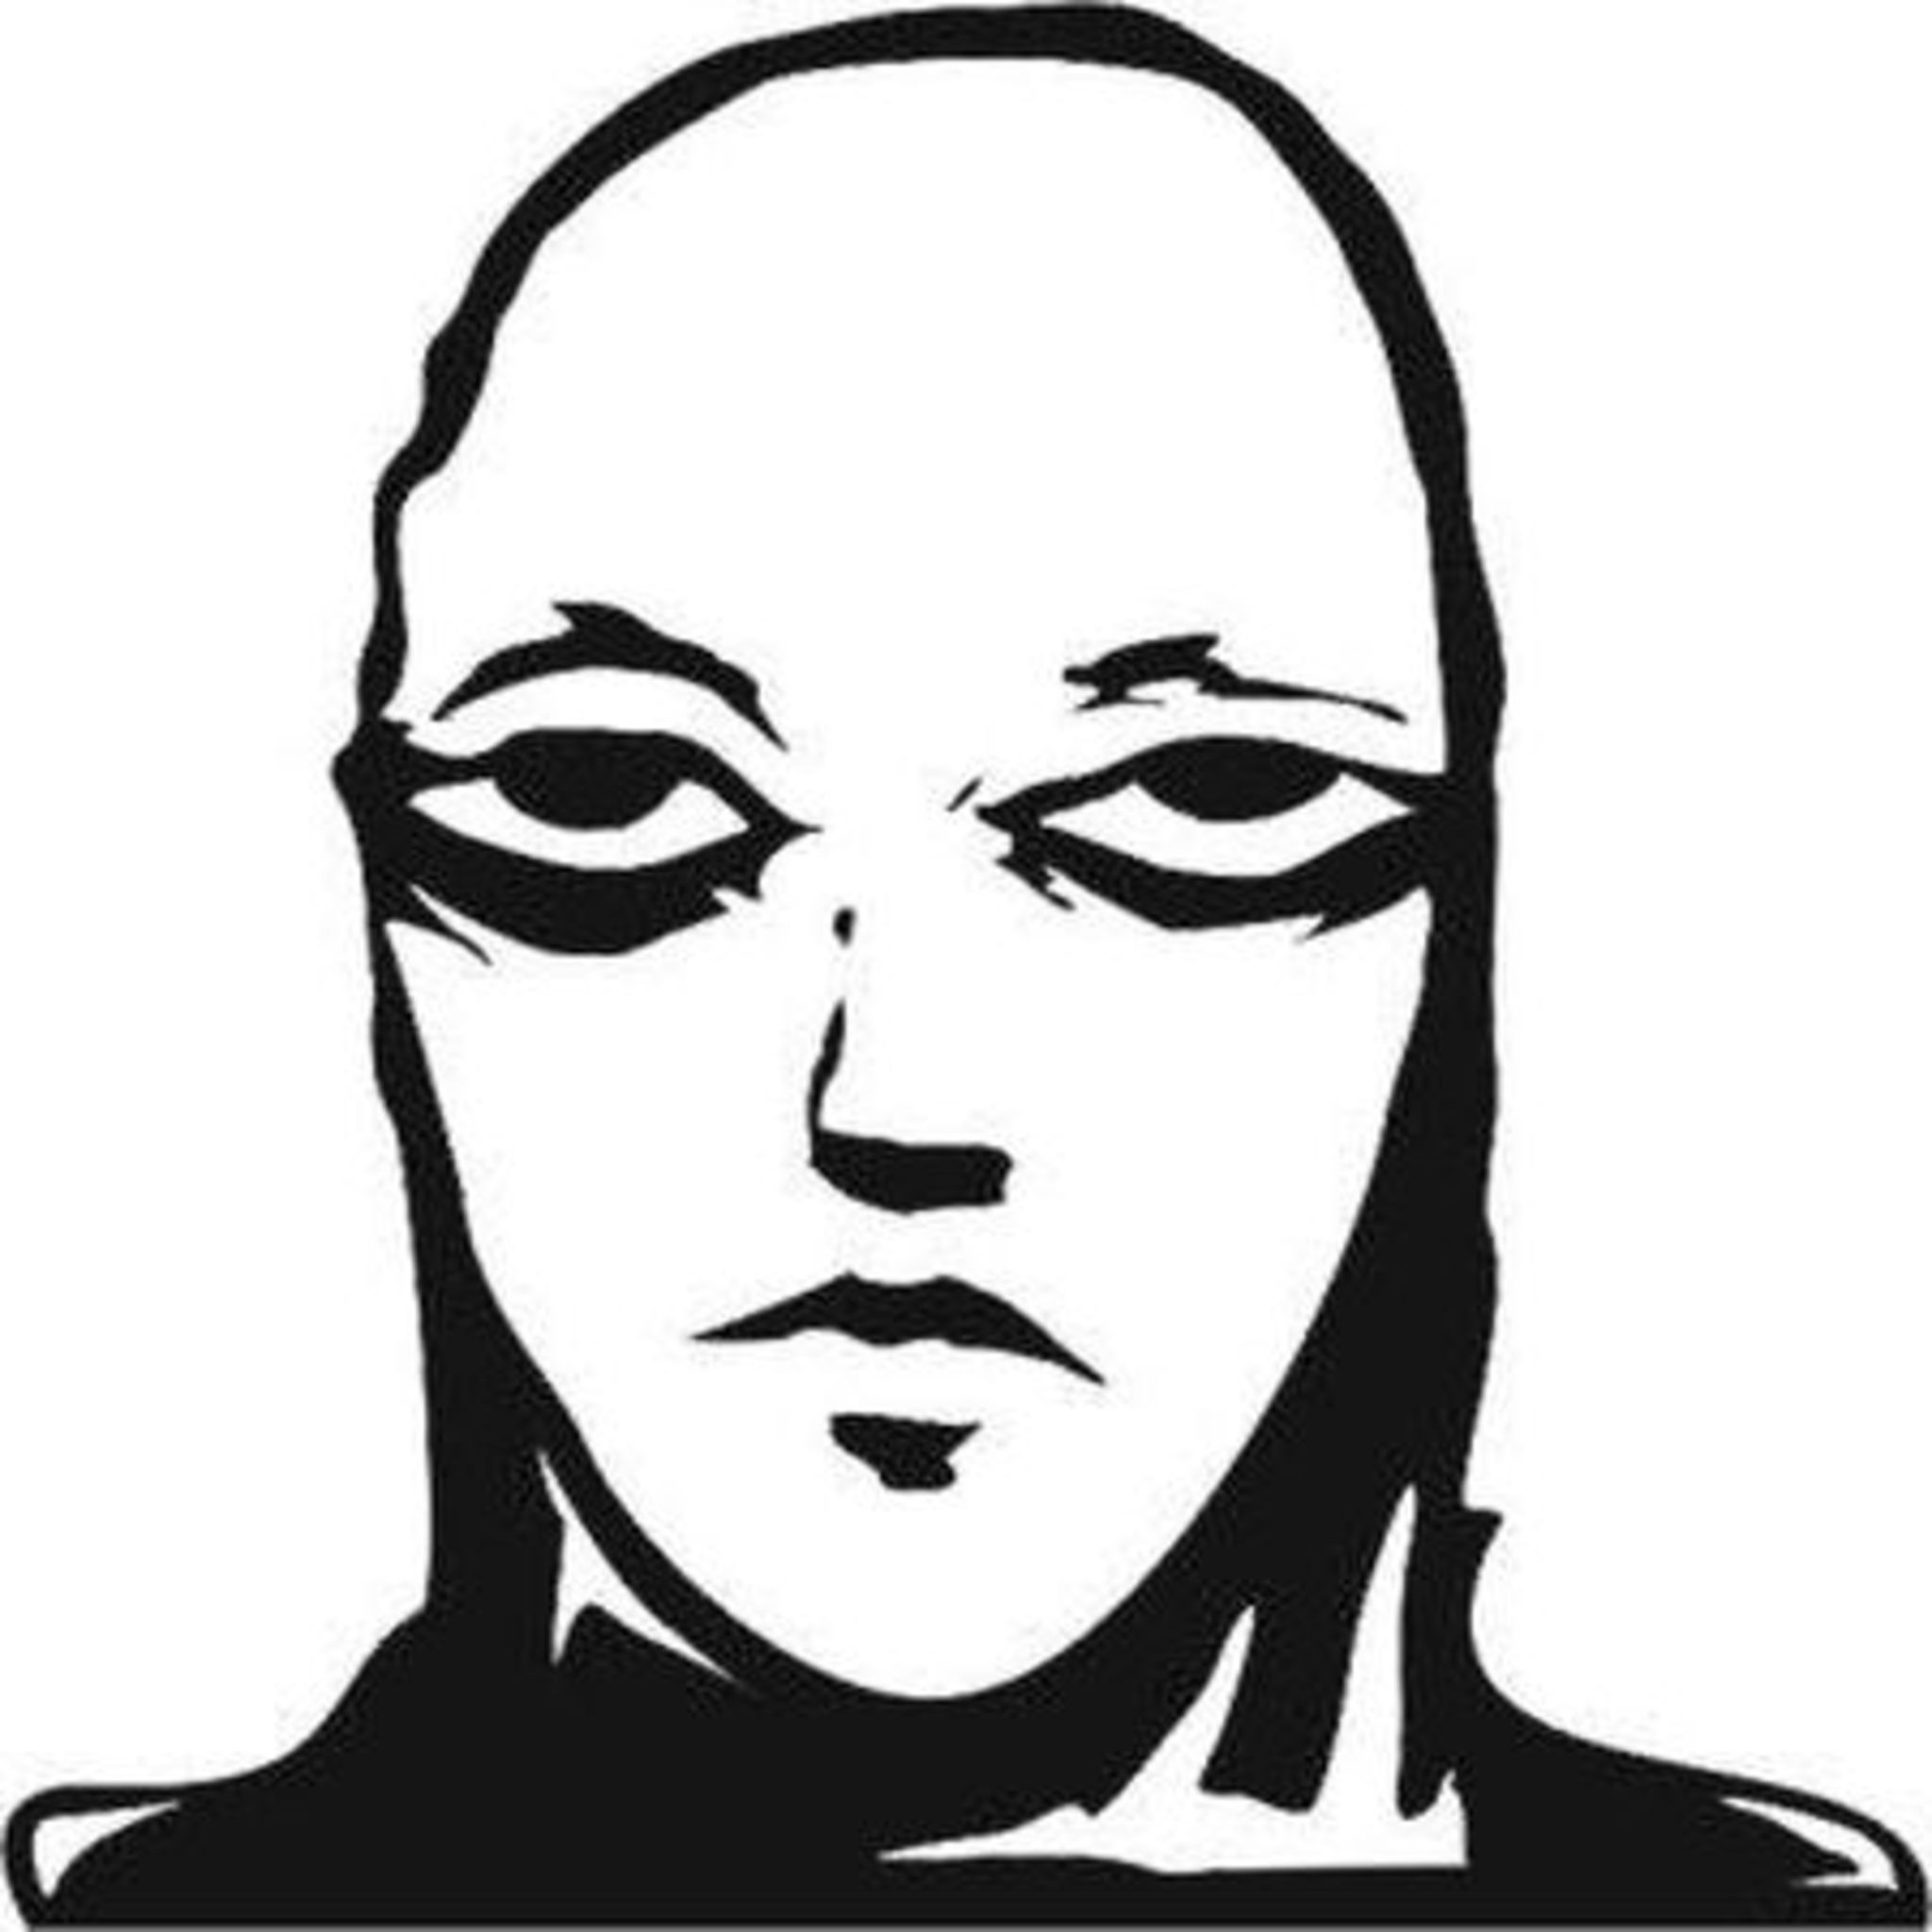 Персональный выставочный проект-манифест Алексея Го «Долой уныние»